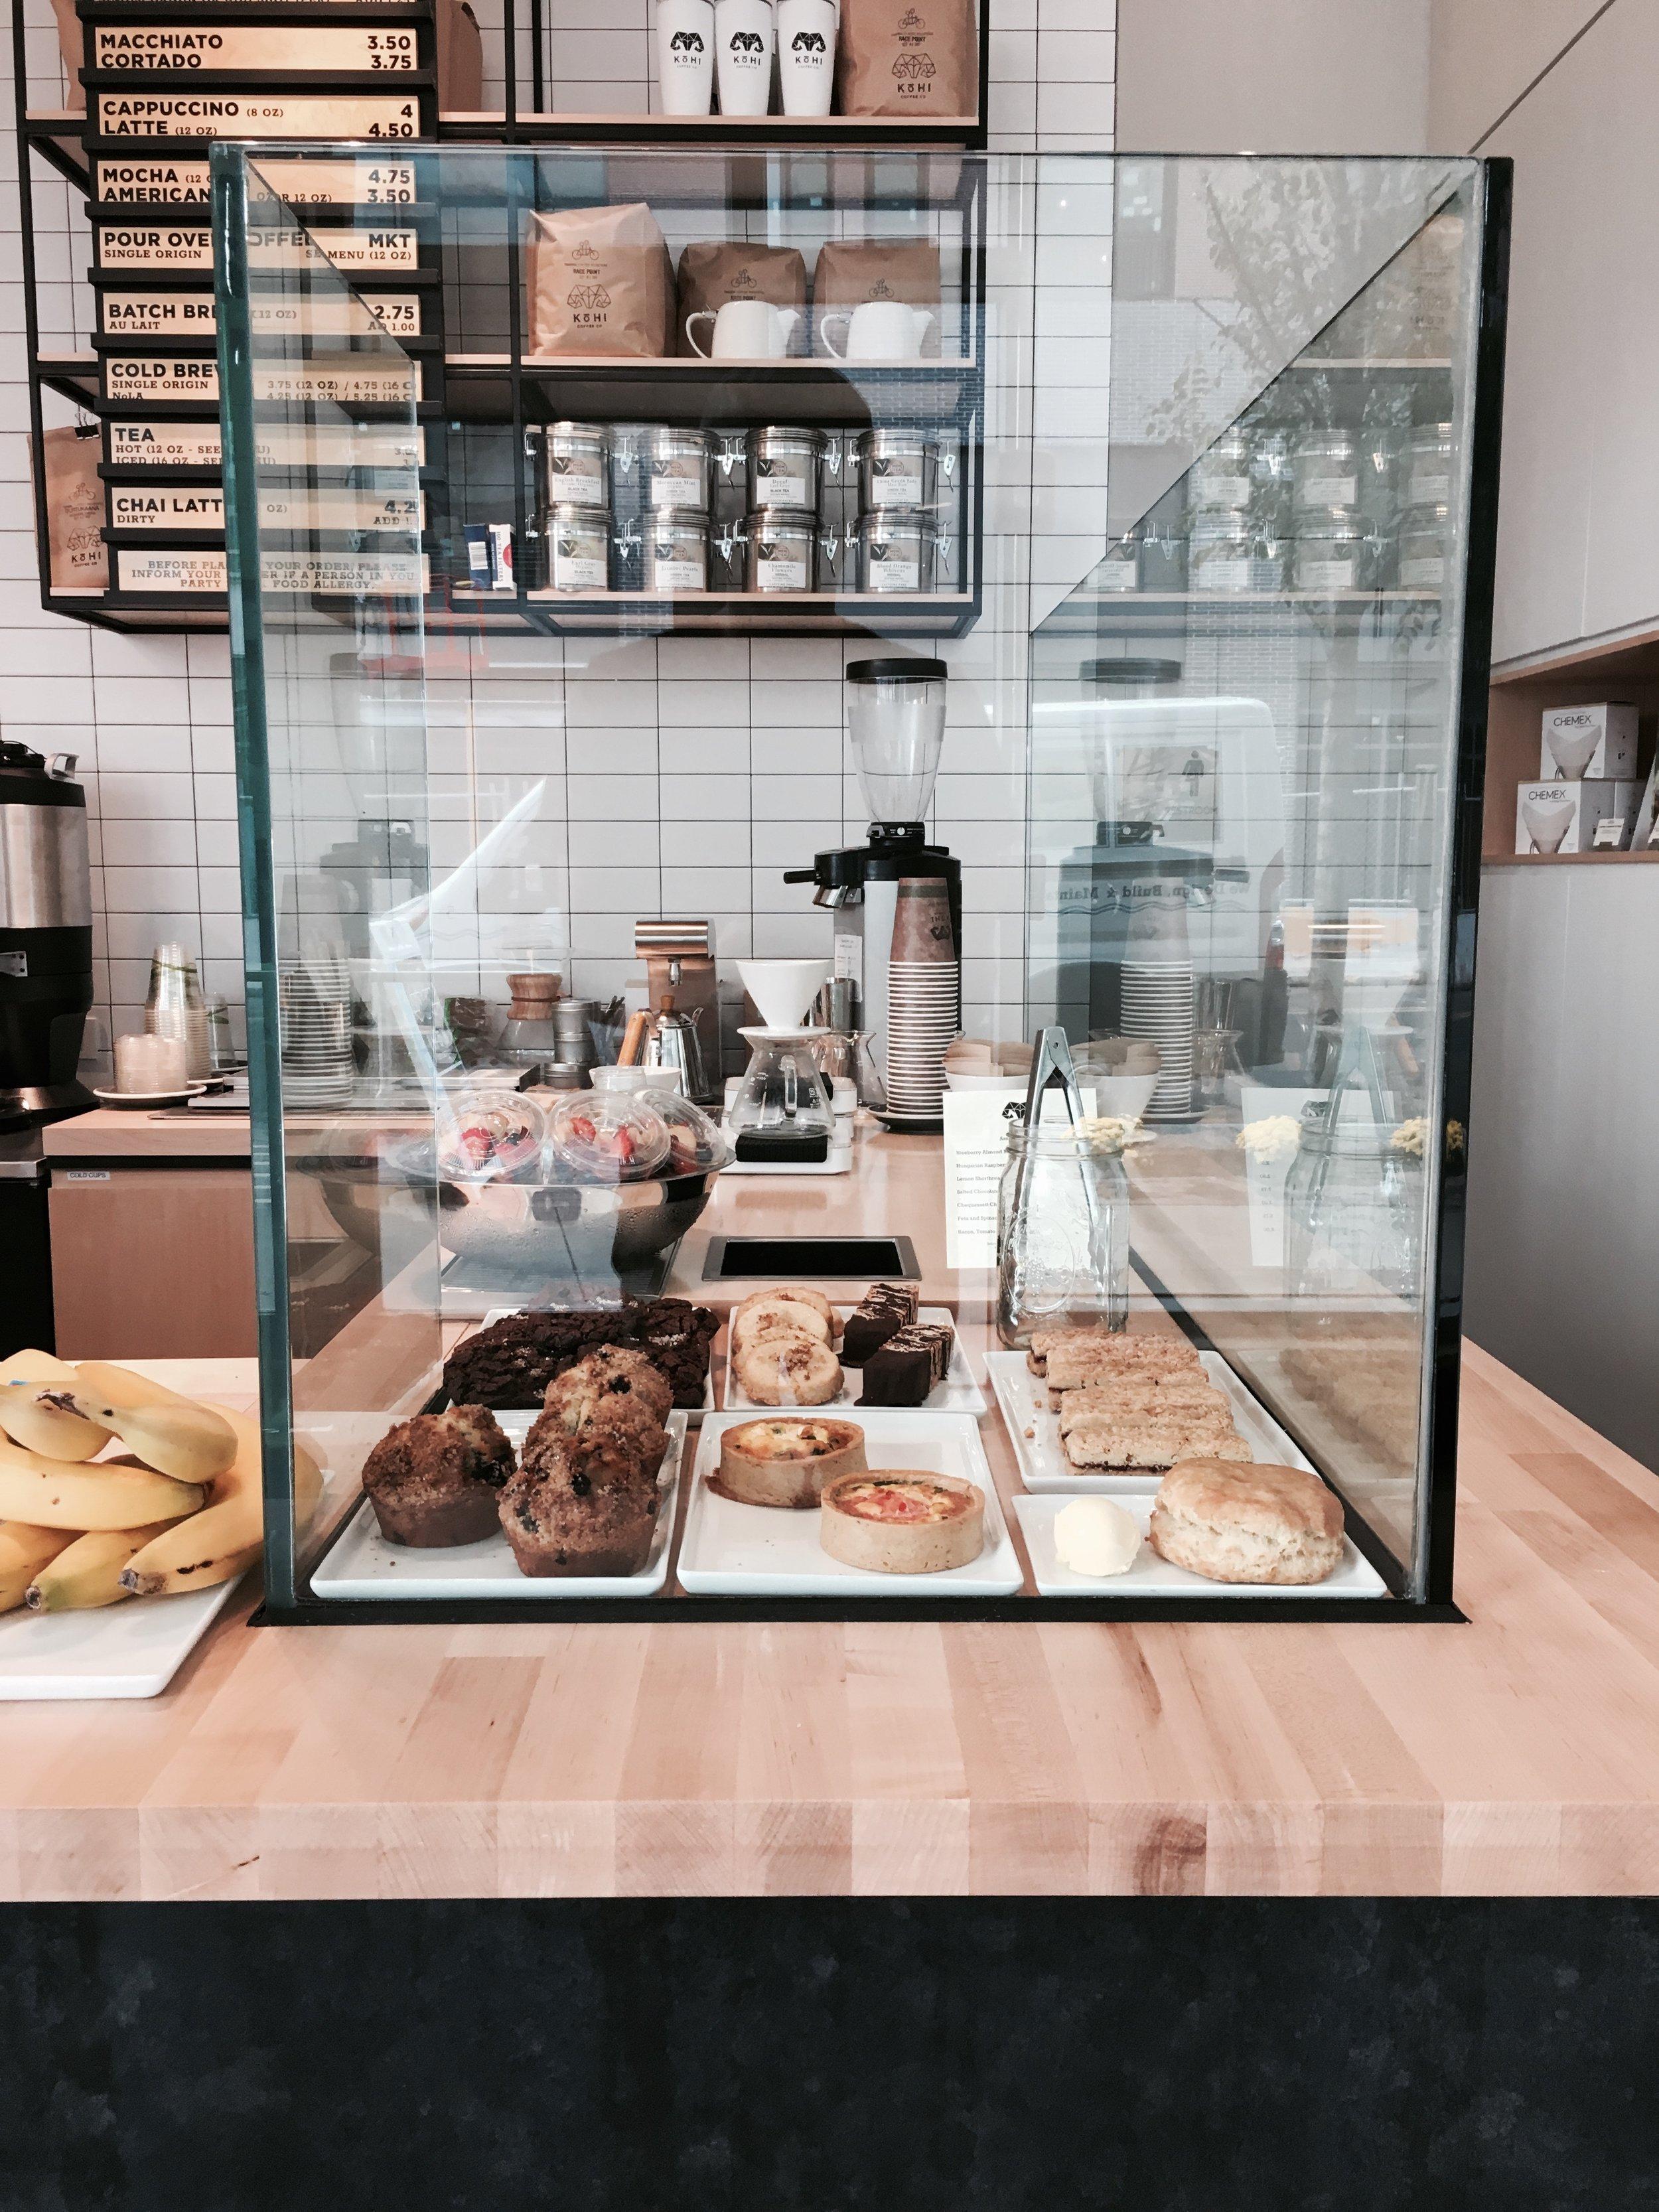 menu - coffee - pastries - food